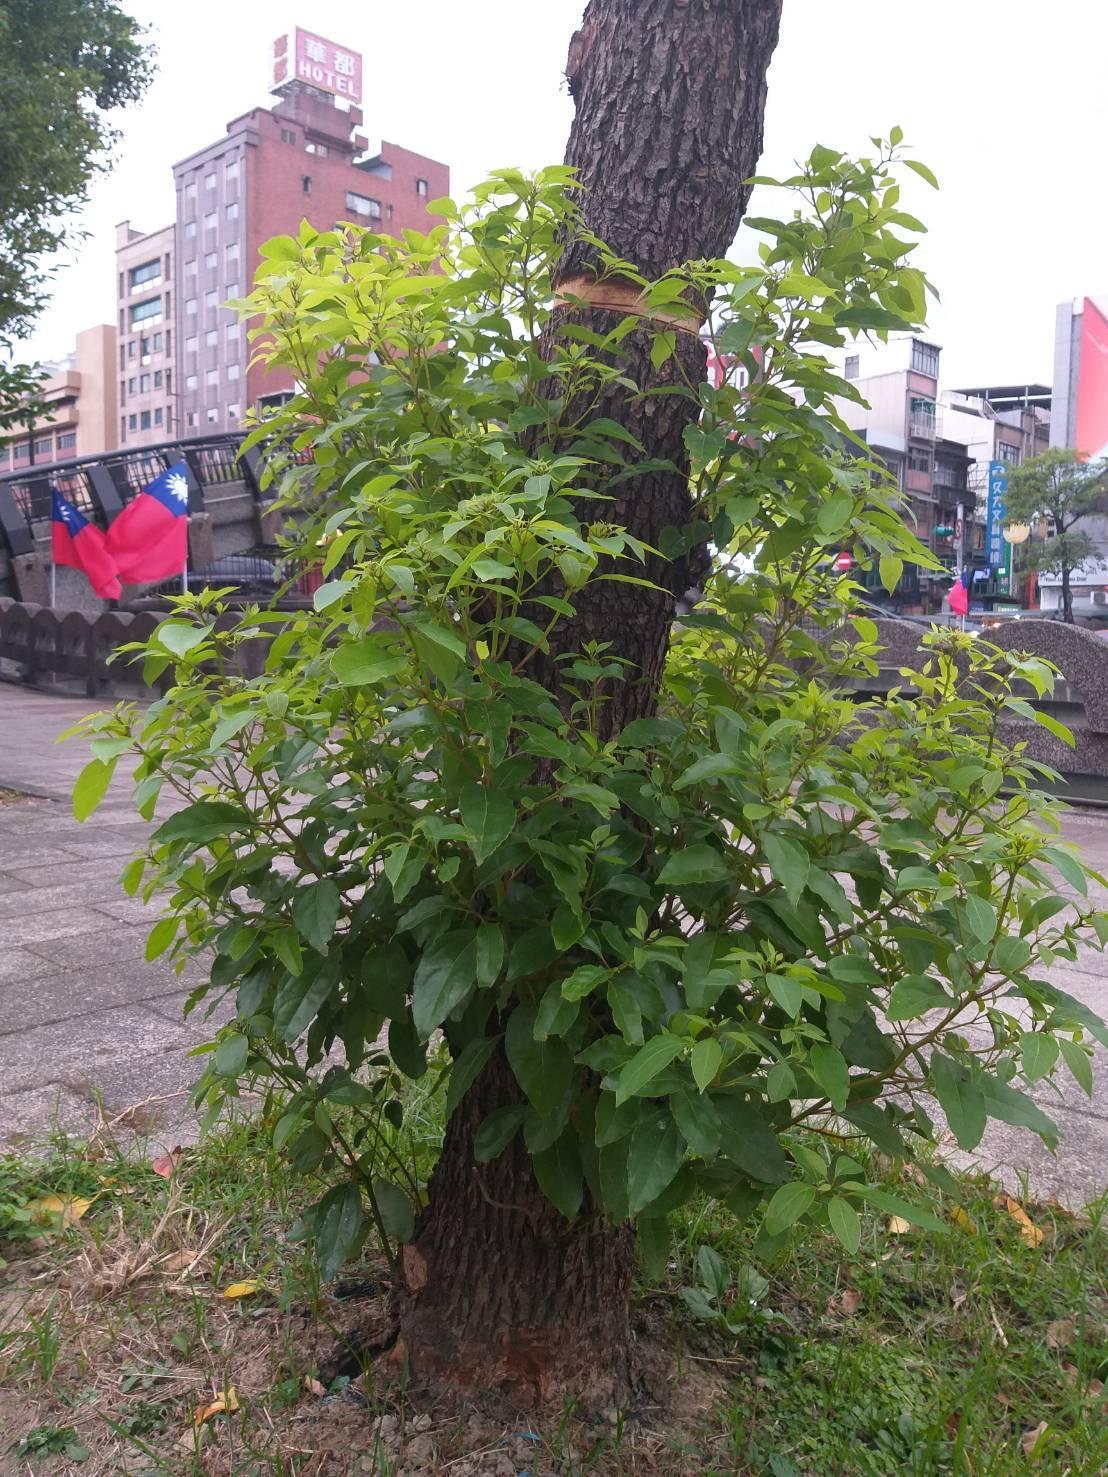 宜蘭大學園藝系教授尤進欽說,樟樹被環狀剝皮處位置較高,研判並非要讓樟樹死亡,而是...